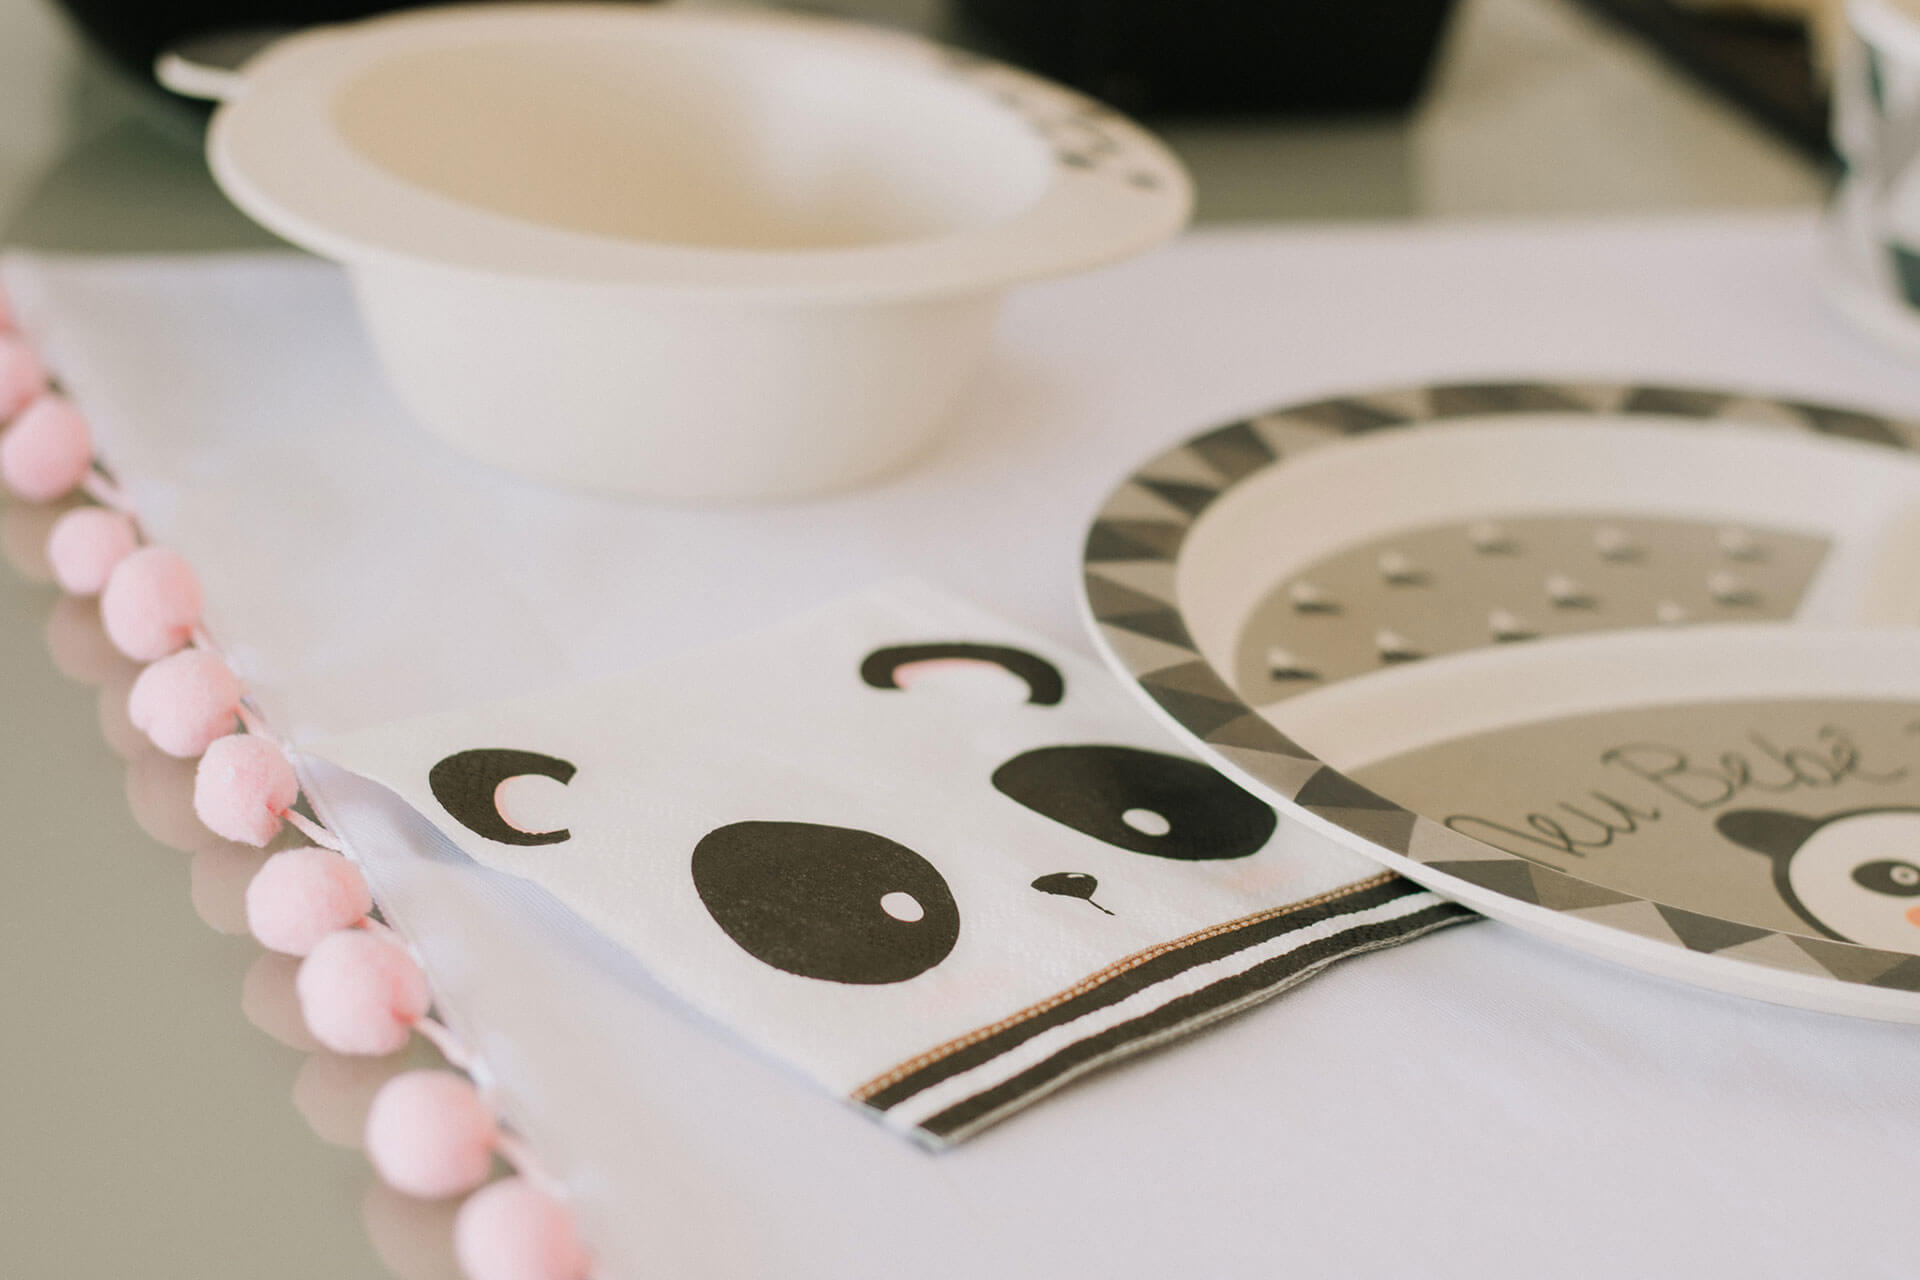 Imagem: Detalhes que encantam: jogo americano com pompom e guardanapo também de panda. Foto: Amanda Melo/Blog Between Tea and Coffee.